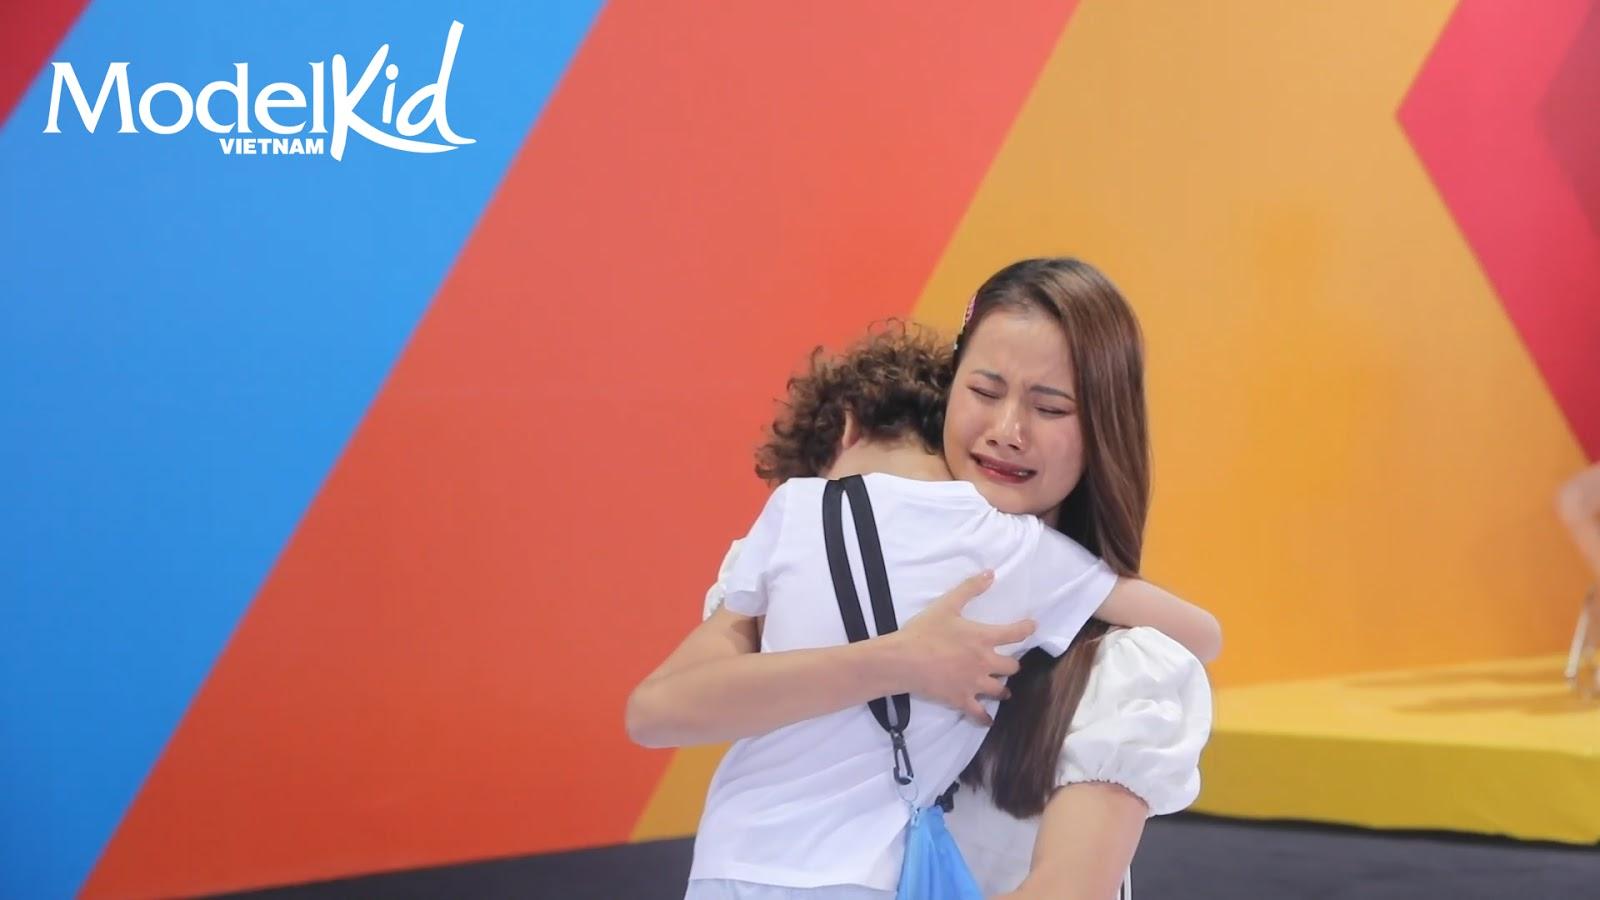 Quang Đại bất ngờ xin rút khỏi ghế HLV, Hương Ly khóc nức nở khi trở thành cô giữ trẻ Model Kid Vietnam - Hình 31